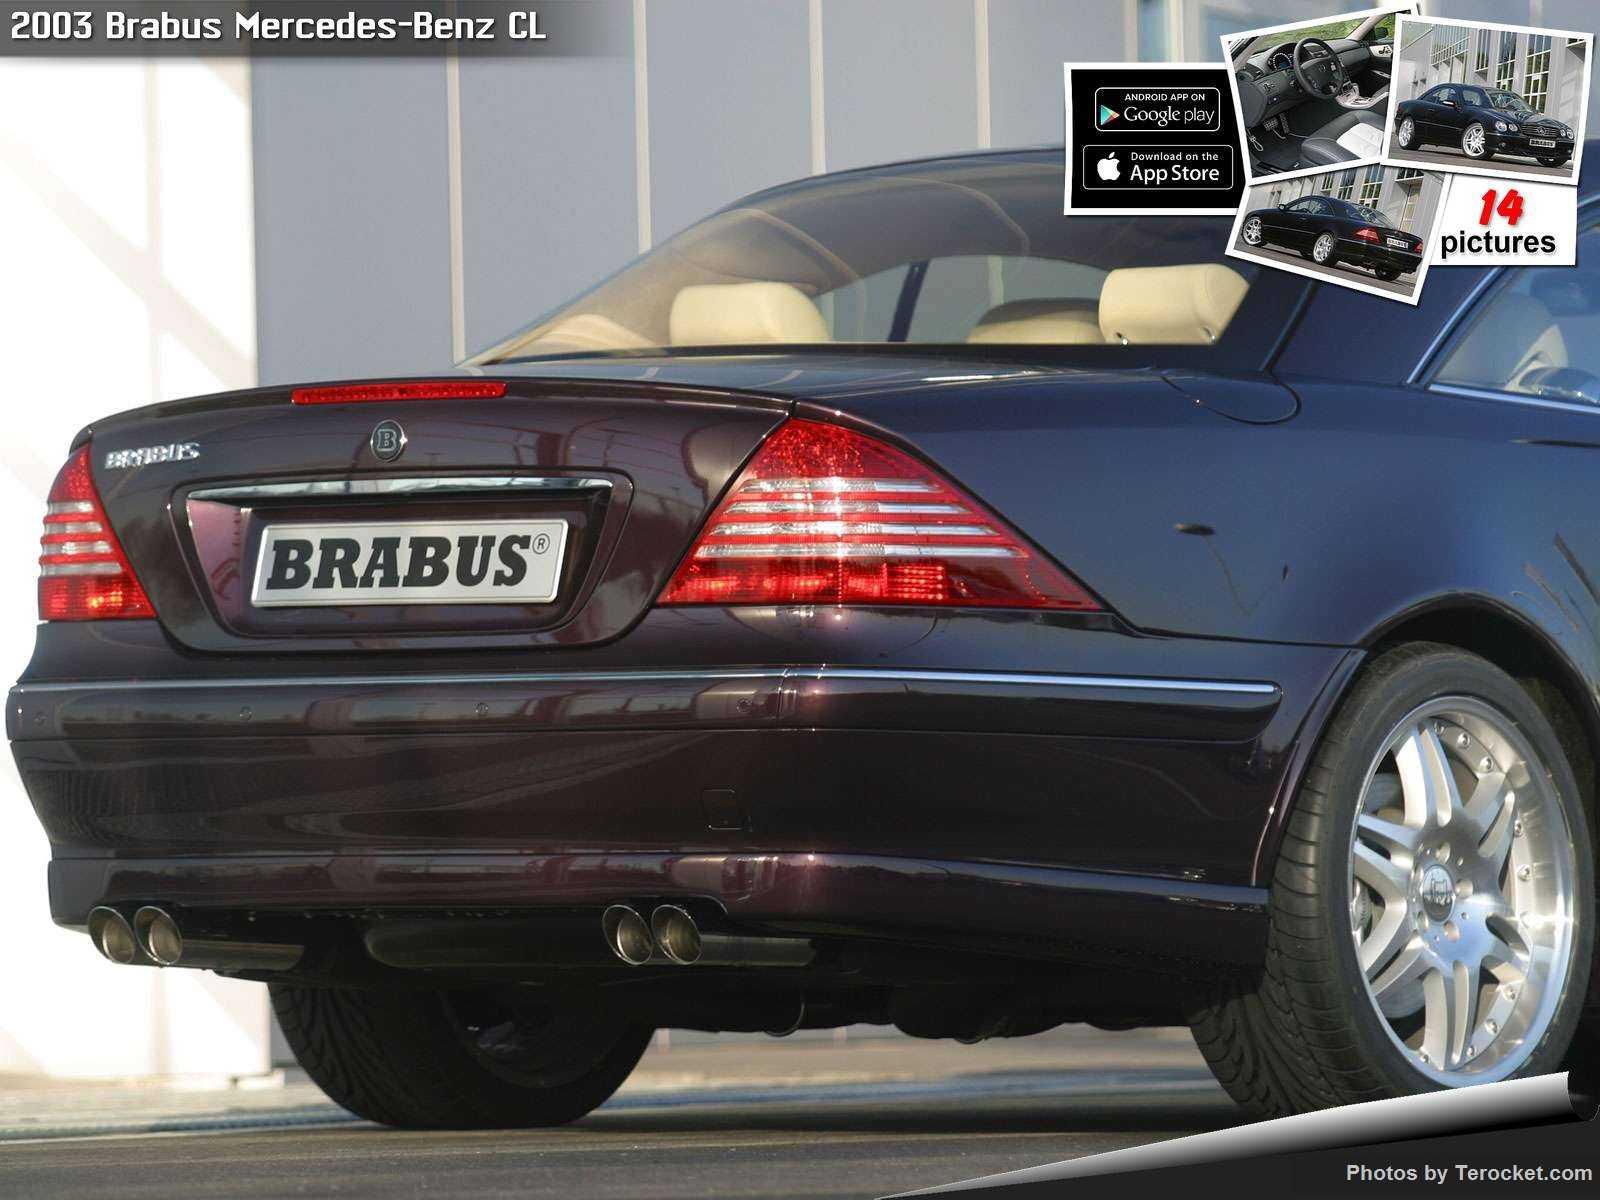 Hình ảnh xe ô tô Brabus Mercedes-Benz CL 2003 & nội ngoại thất